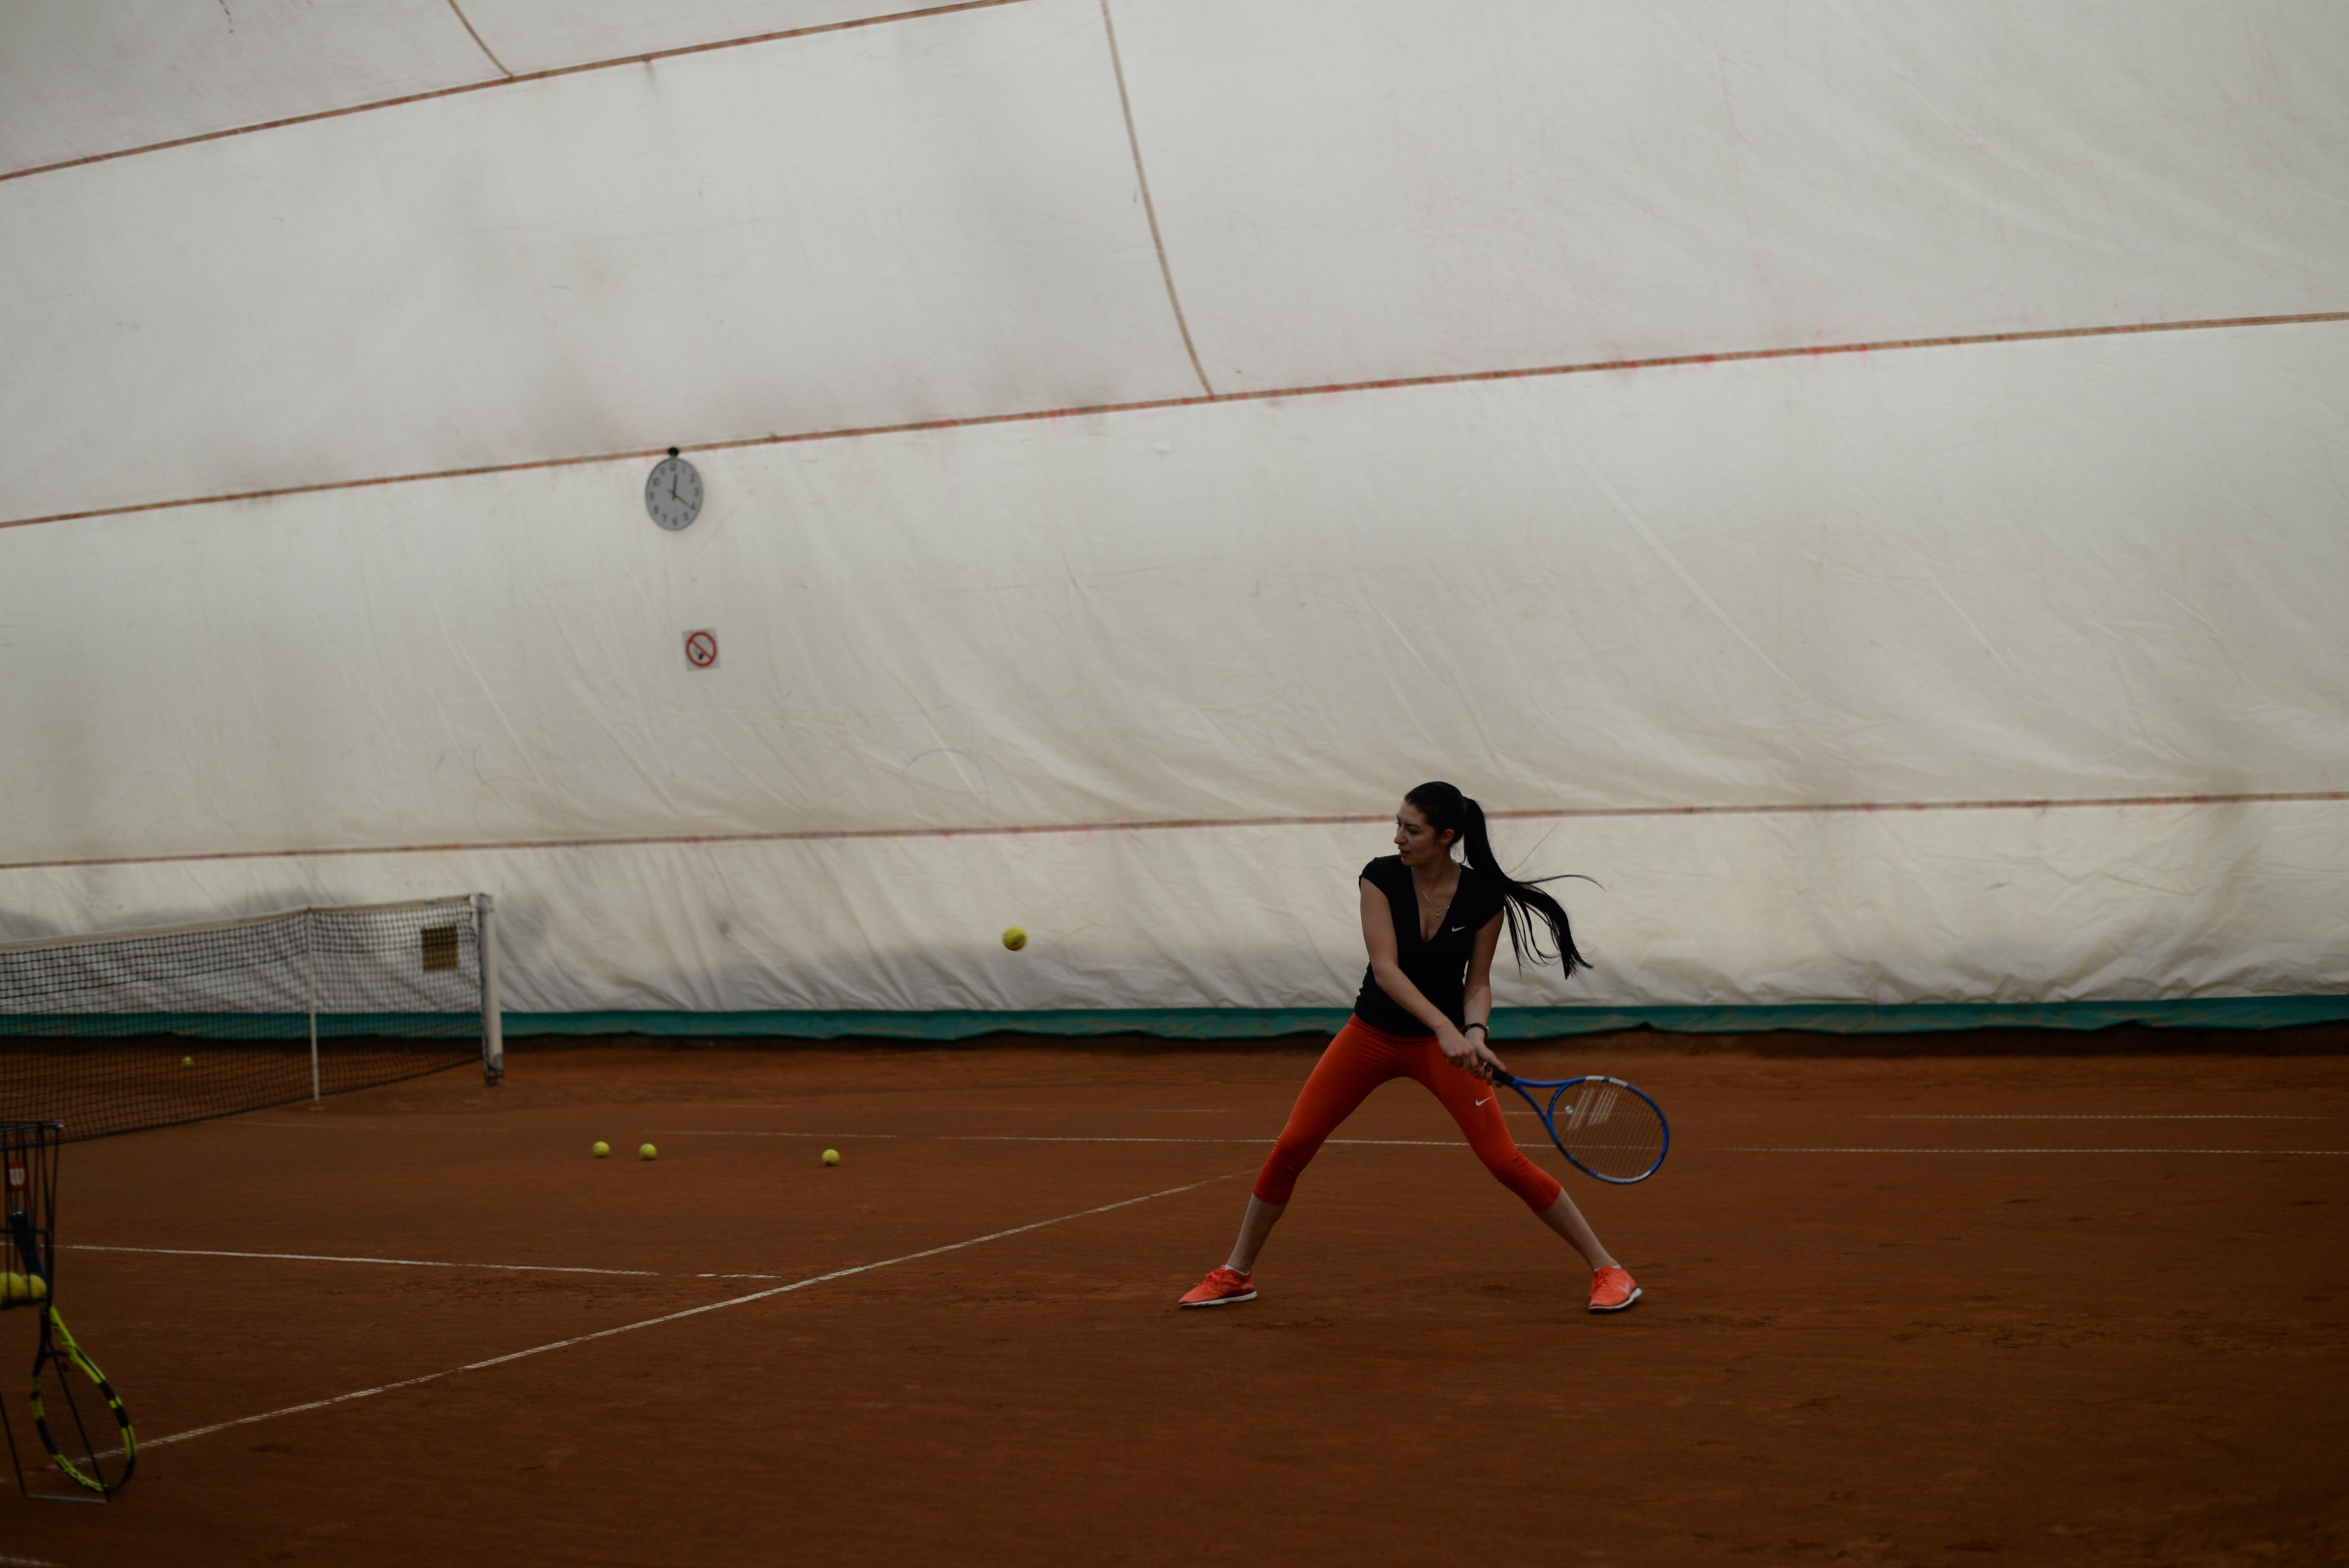 индивидуальные занятия теннисом